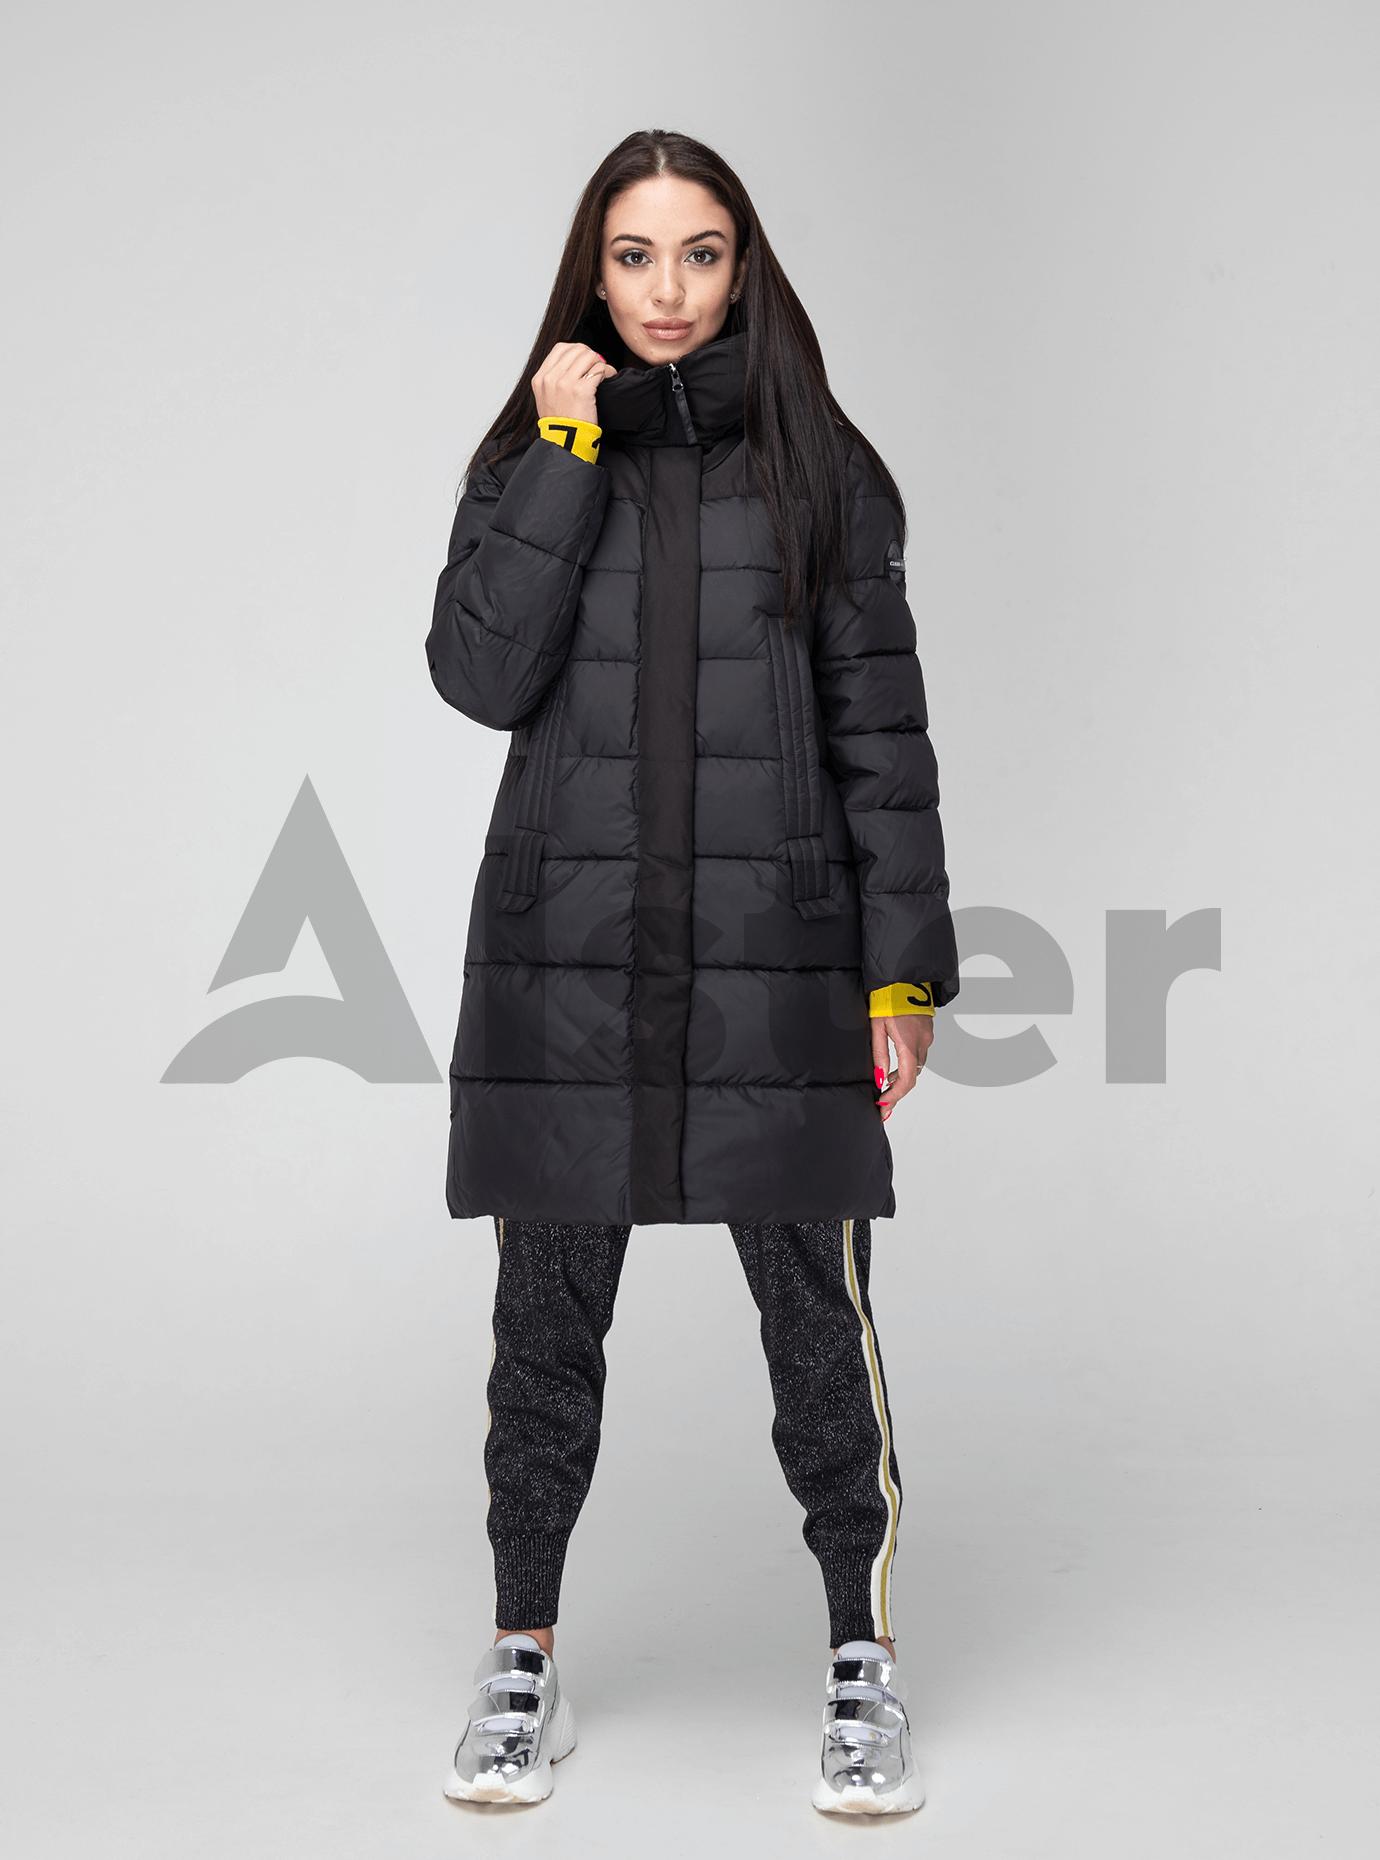 Зимняя женская куртка Чёрный L (02-190162): фото - Alster.ua